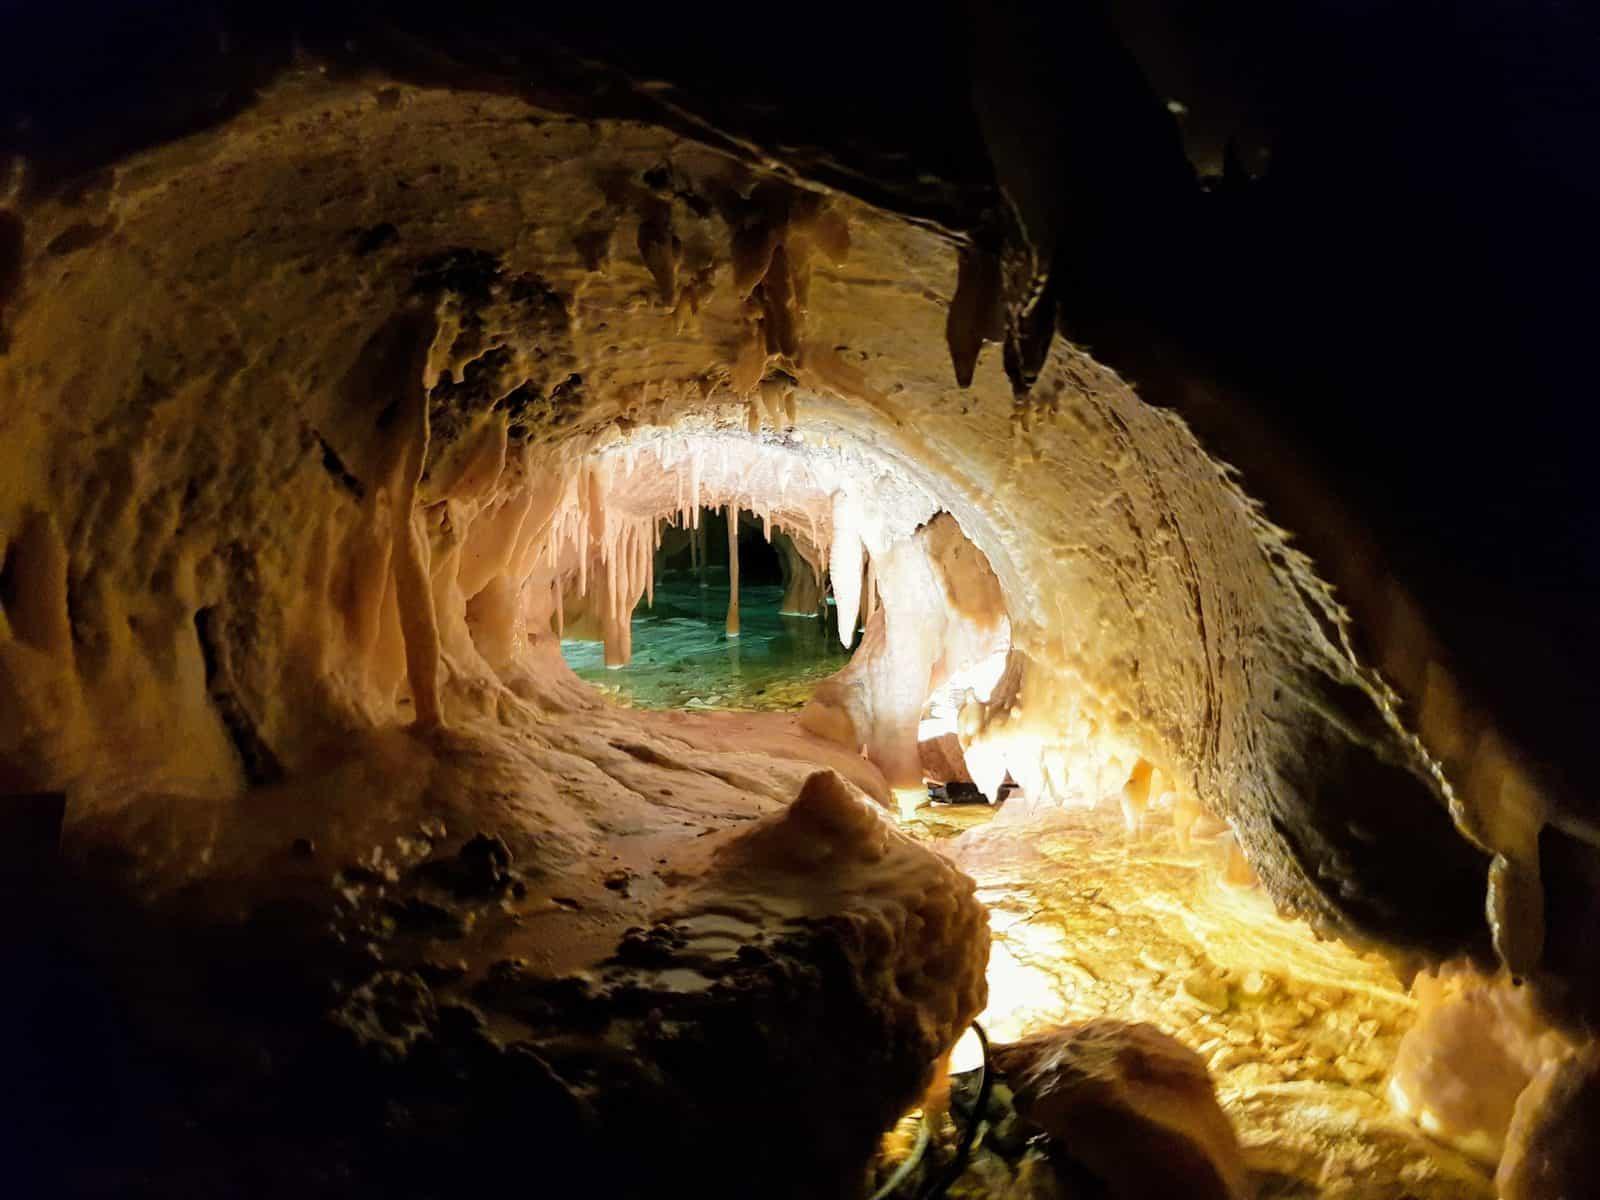 Schlechtwetterprogramm Familienausflug in Obir Tropfsteinhöhlen in Kärnten mit unterirdischem See